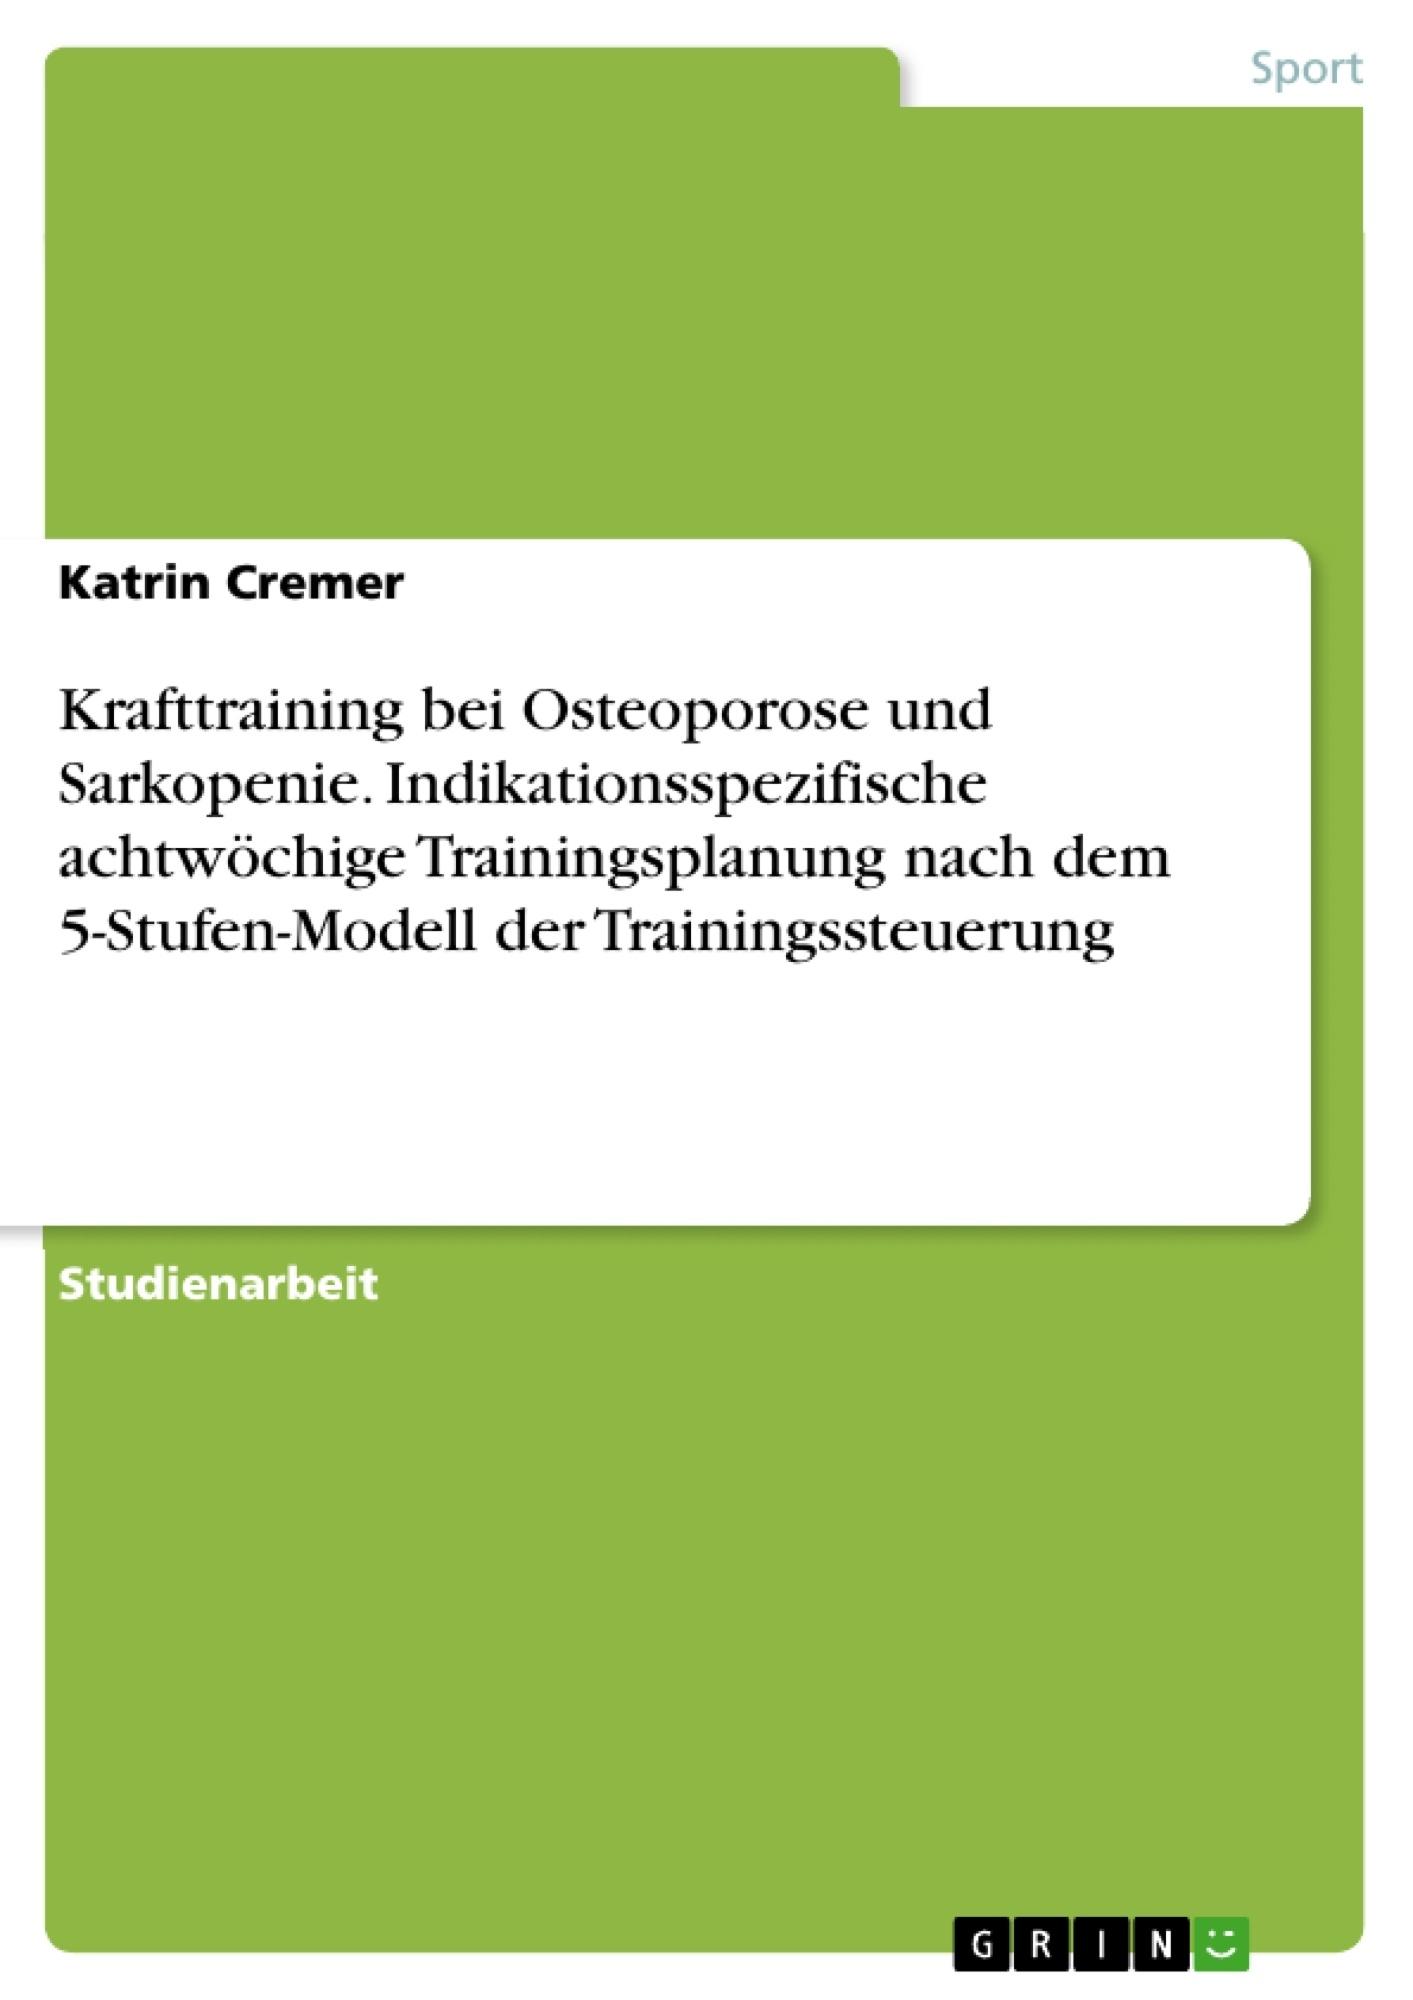 Titel: Krafttraining bei Osteoporose und Sarkopenie. Indikationsspezifische achtwöchige Trainingsplanung nach dem 5-Stufen-Modell der Trainingssteuerung